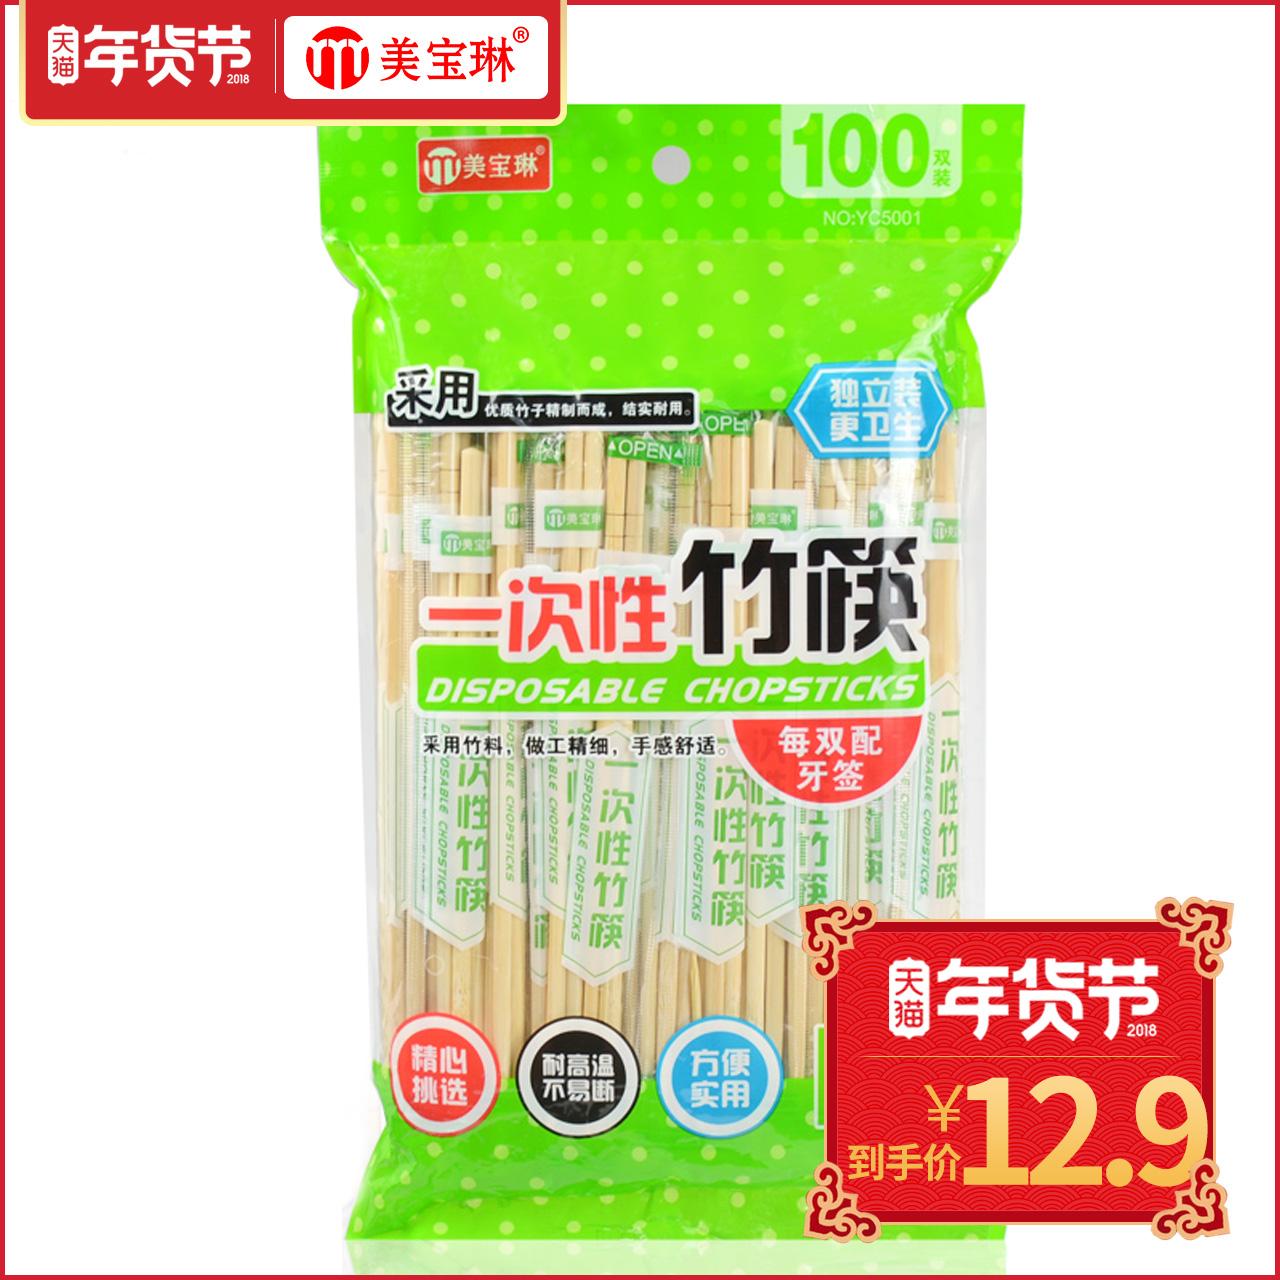 一次性筷子 100双3元优惠券